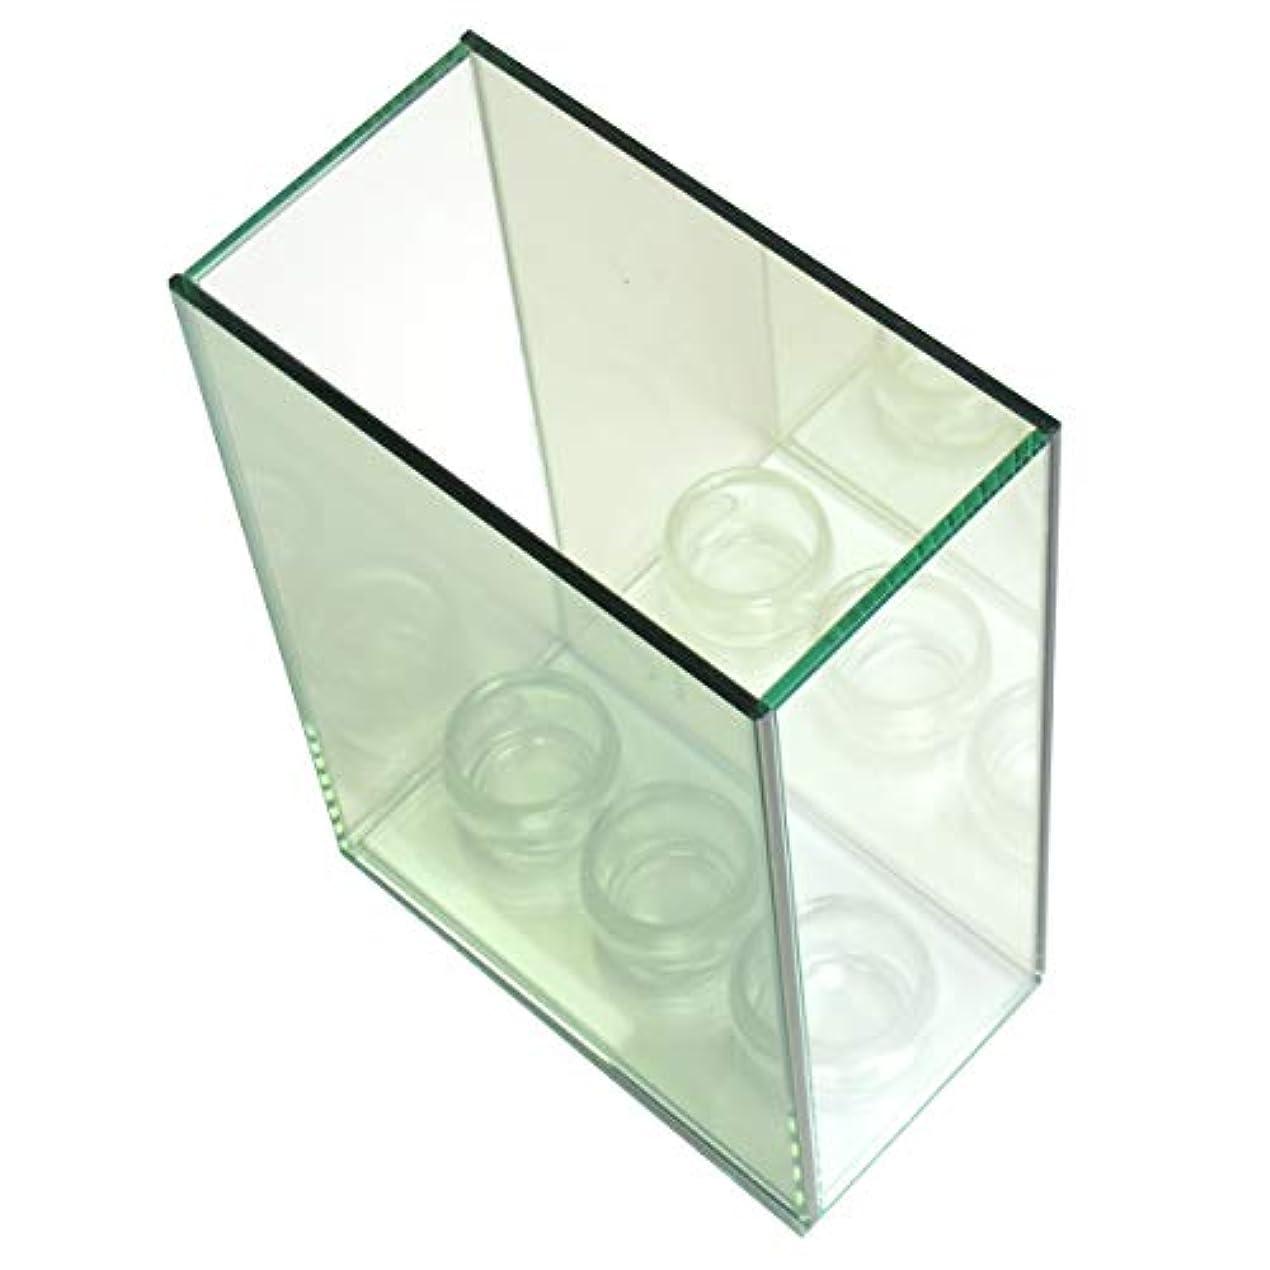 地下室インペリアル新聞無限連鎖キャンドルホルダー 3連 ガラス キャンドルスタンド ランタン 誕生日 ティーライトキャンドル